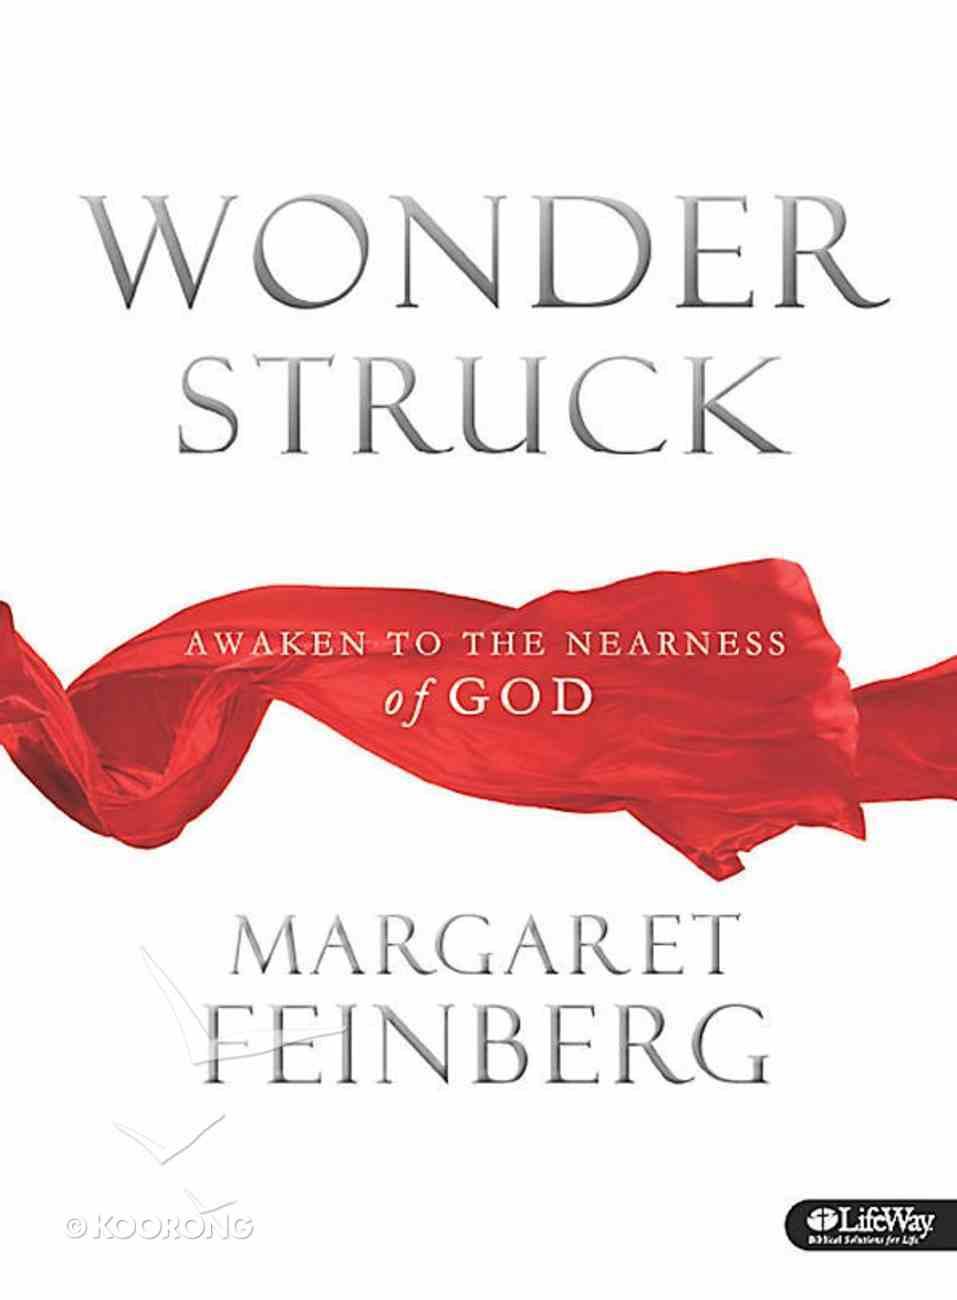 Wonderstruck: Awaken to the Nearness of God (Leader Kit) Pack